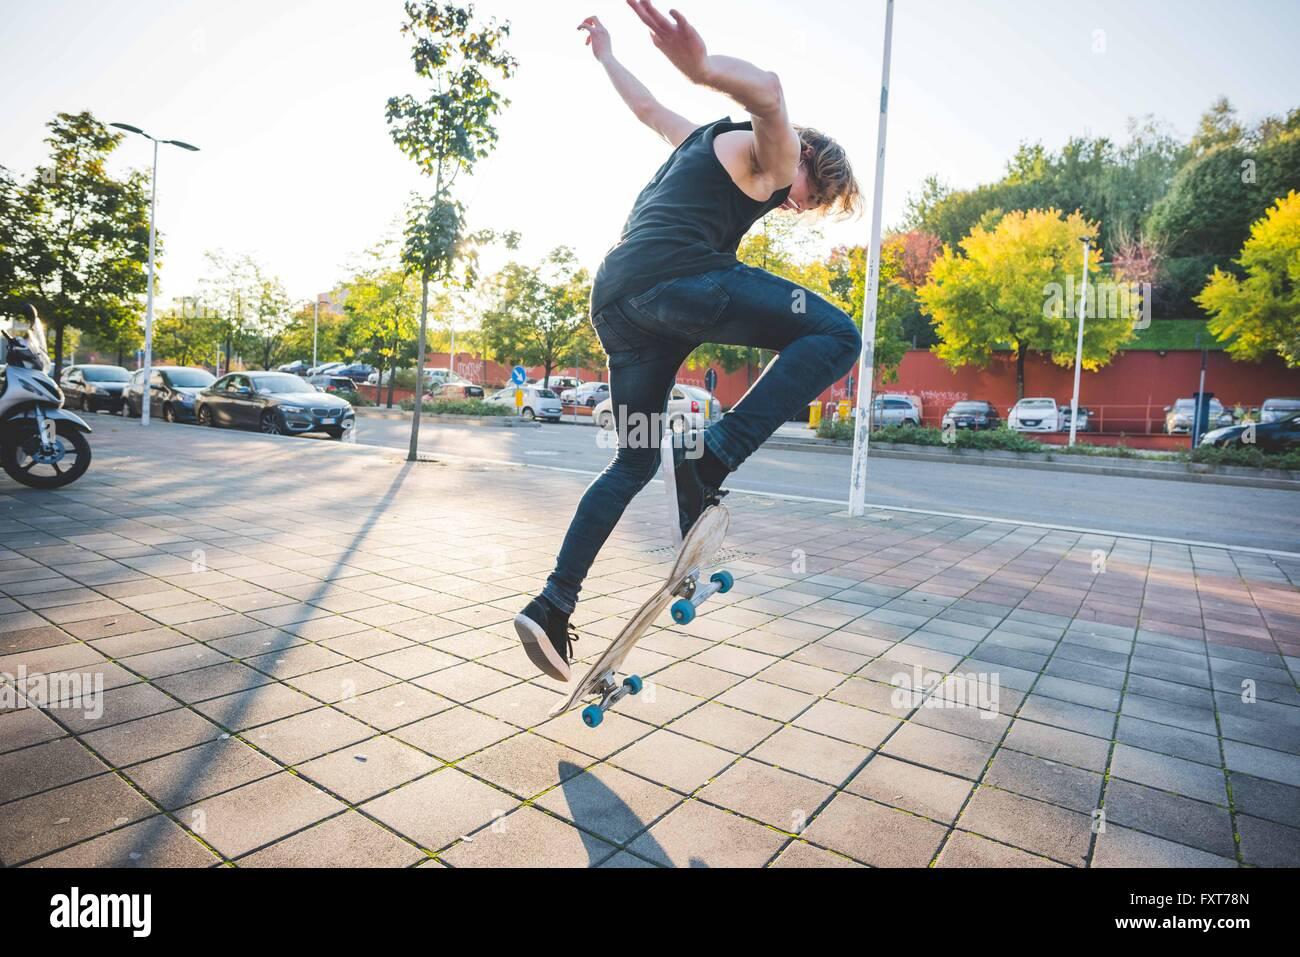 Junge männliche urban Skater tun Skateboard Sprung-Trick auf Bürgersteig Stockbild